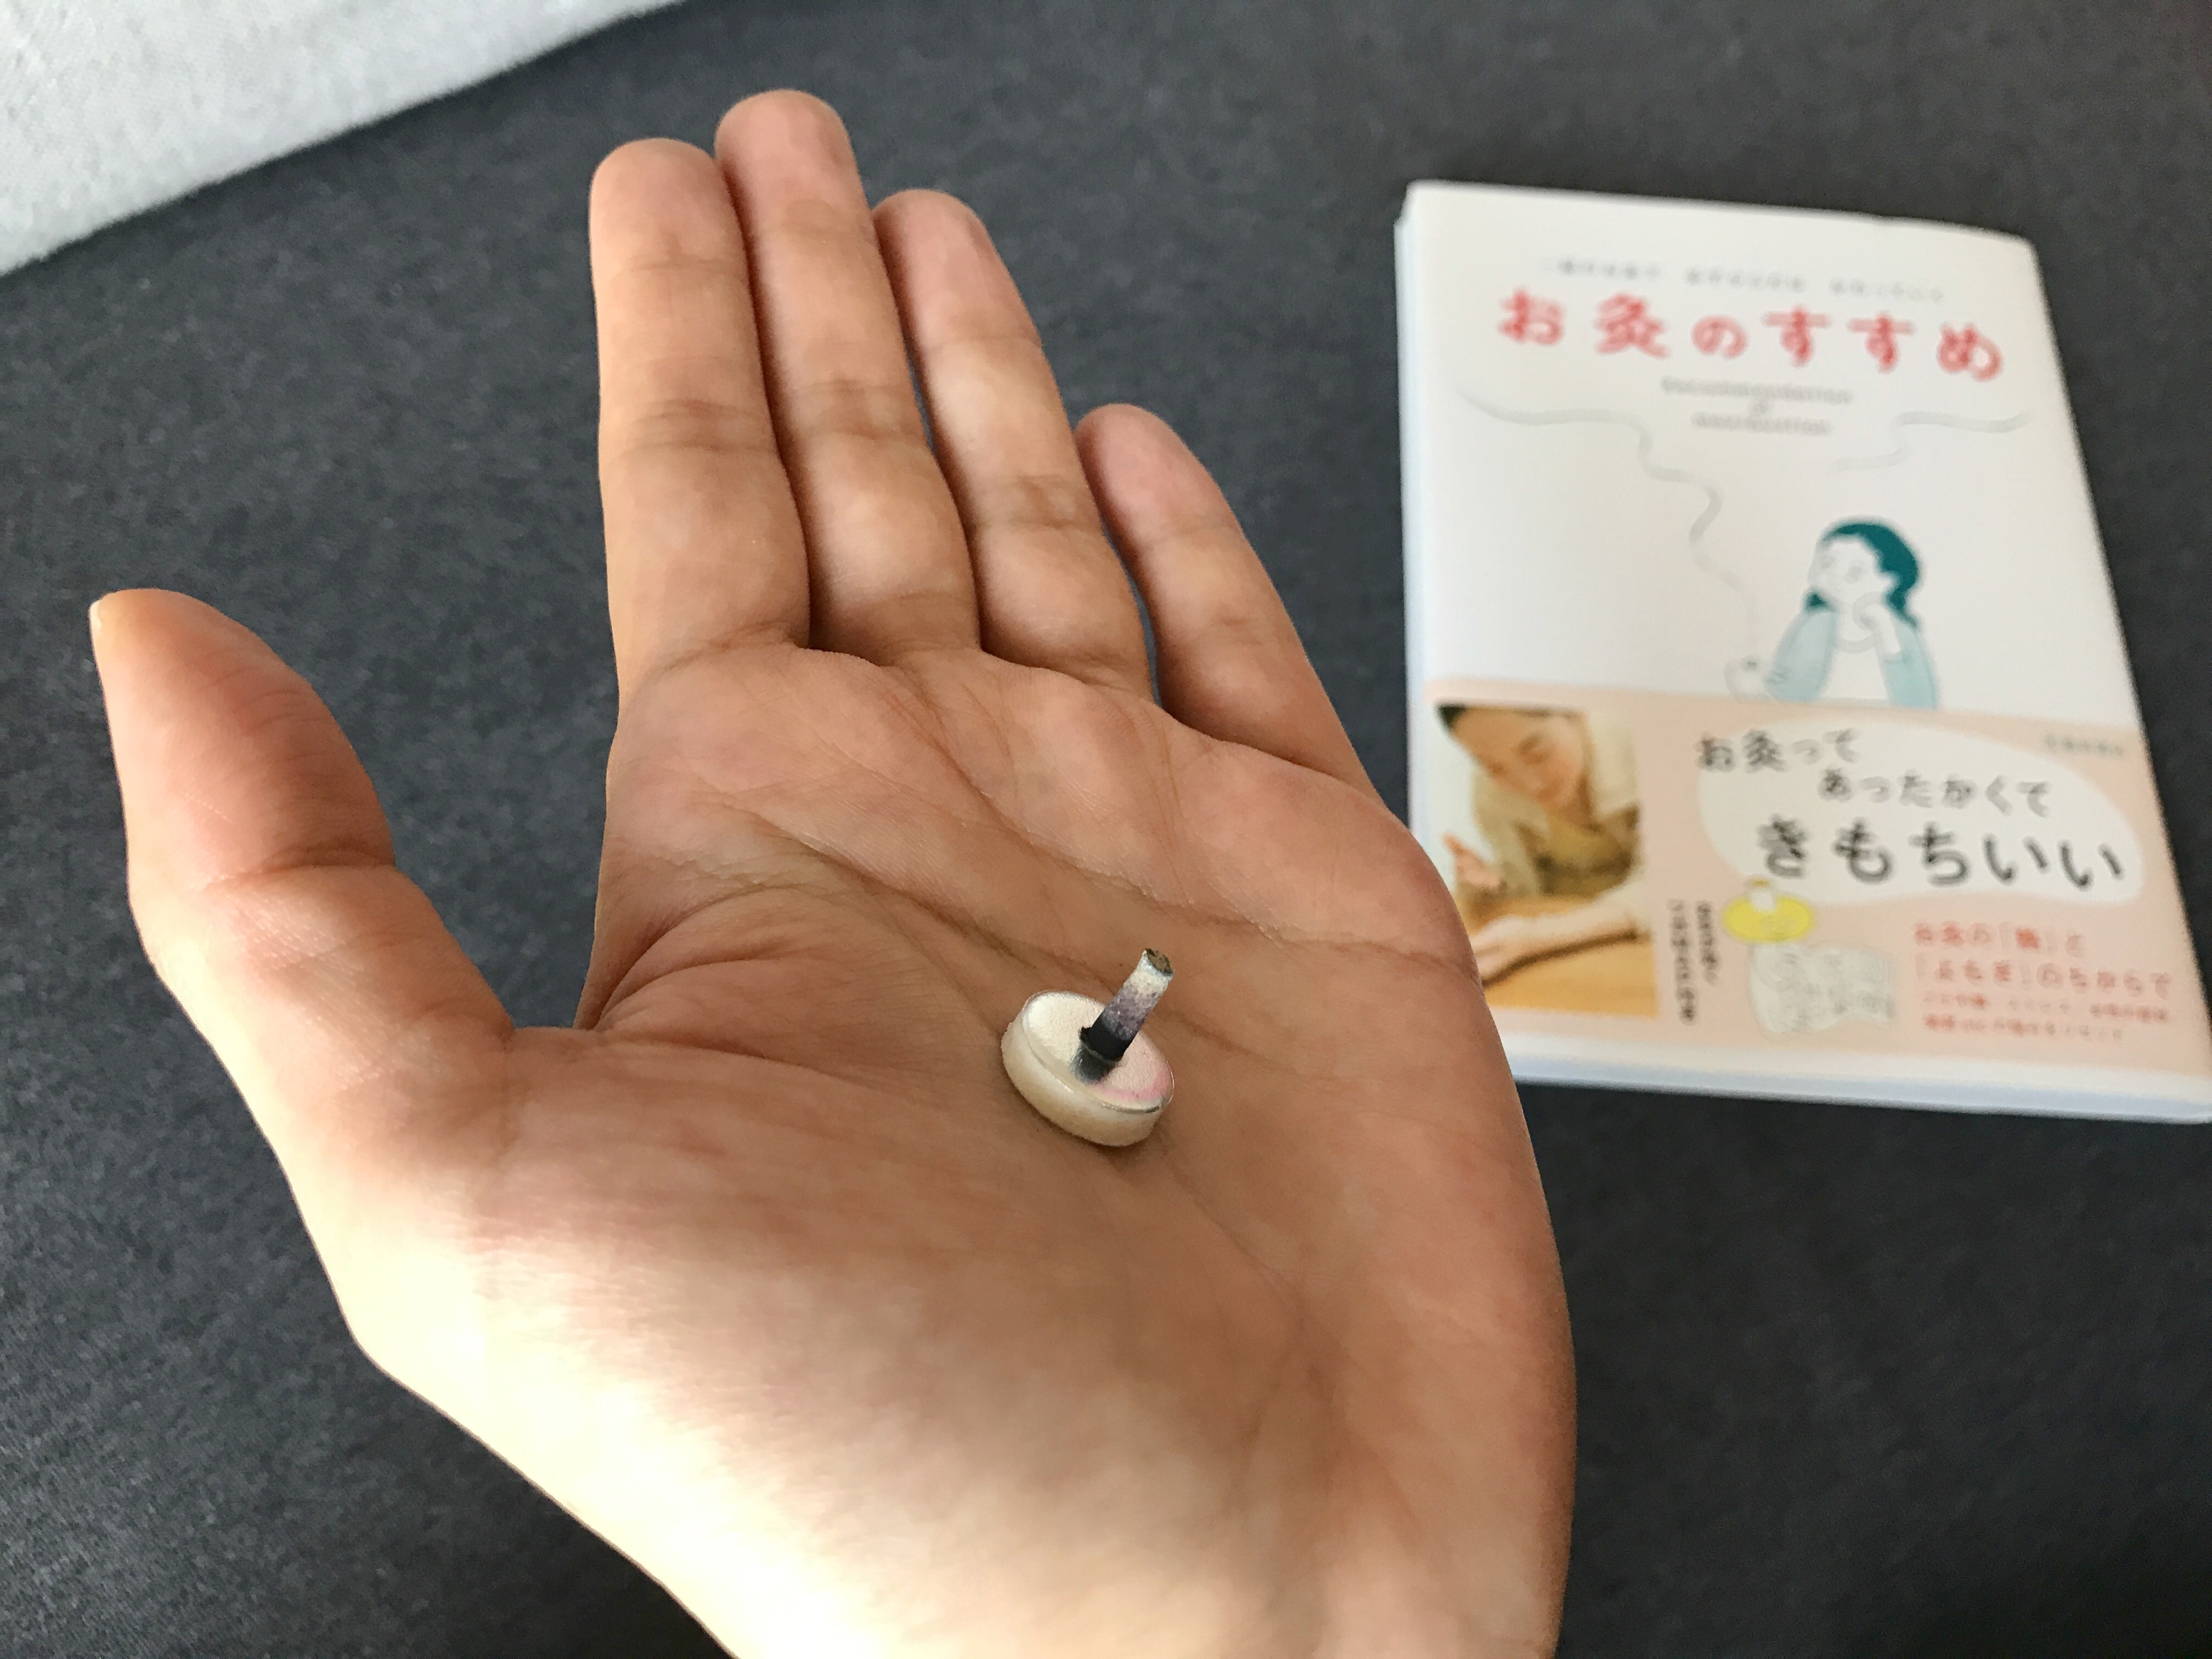 子宮筋腫に効くお灸